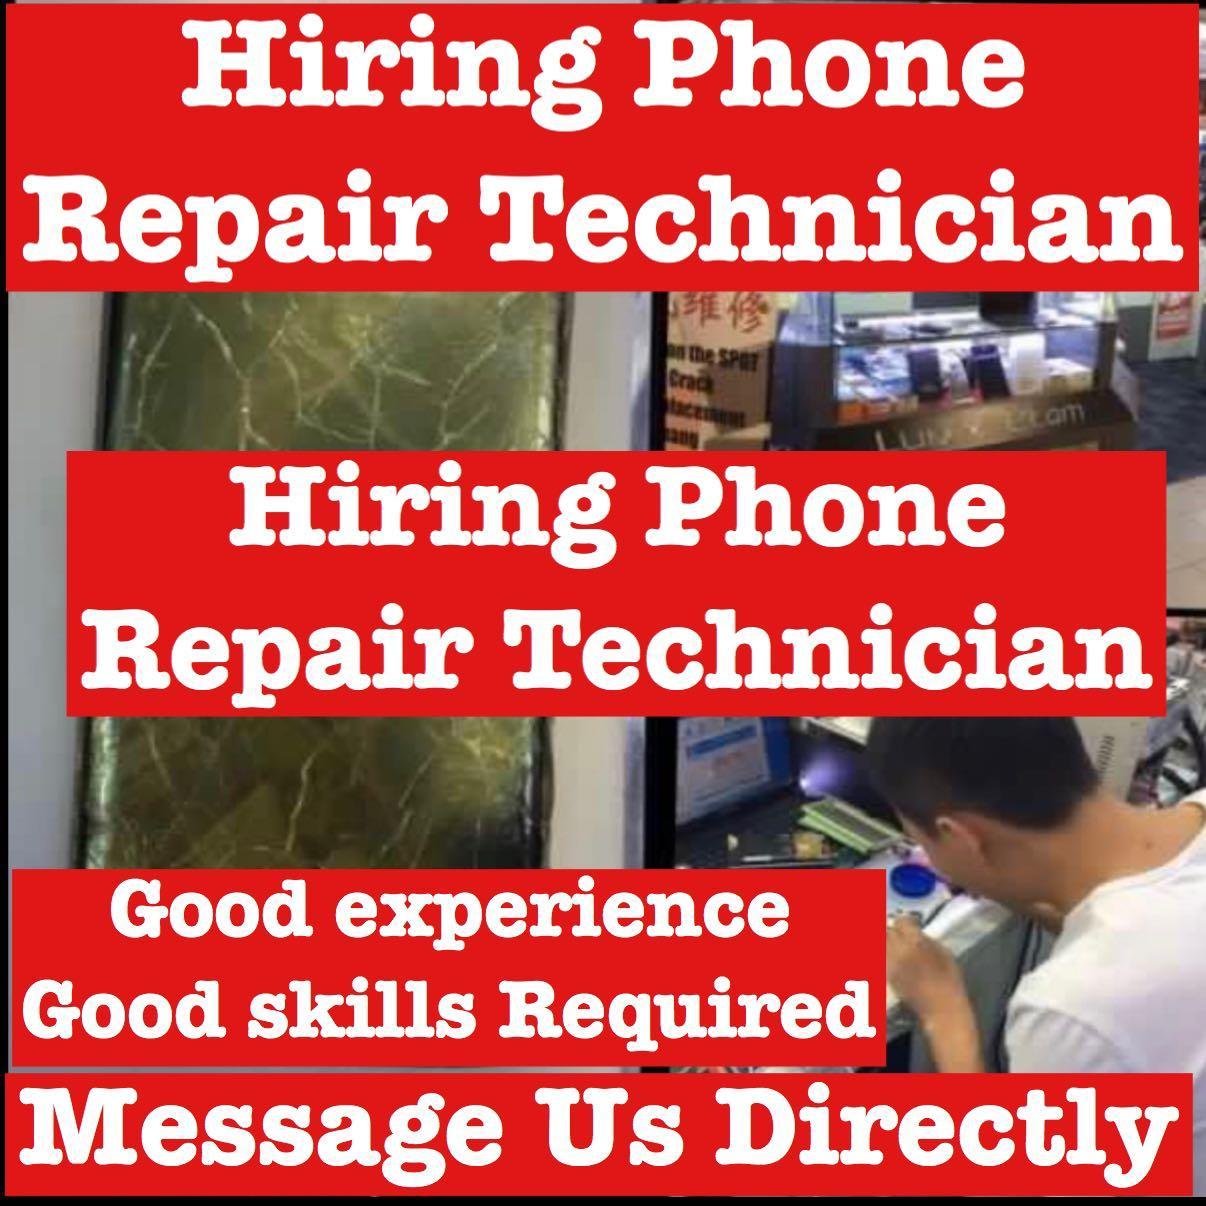 Hiring Phone Repair Technician Job , Experience needed